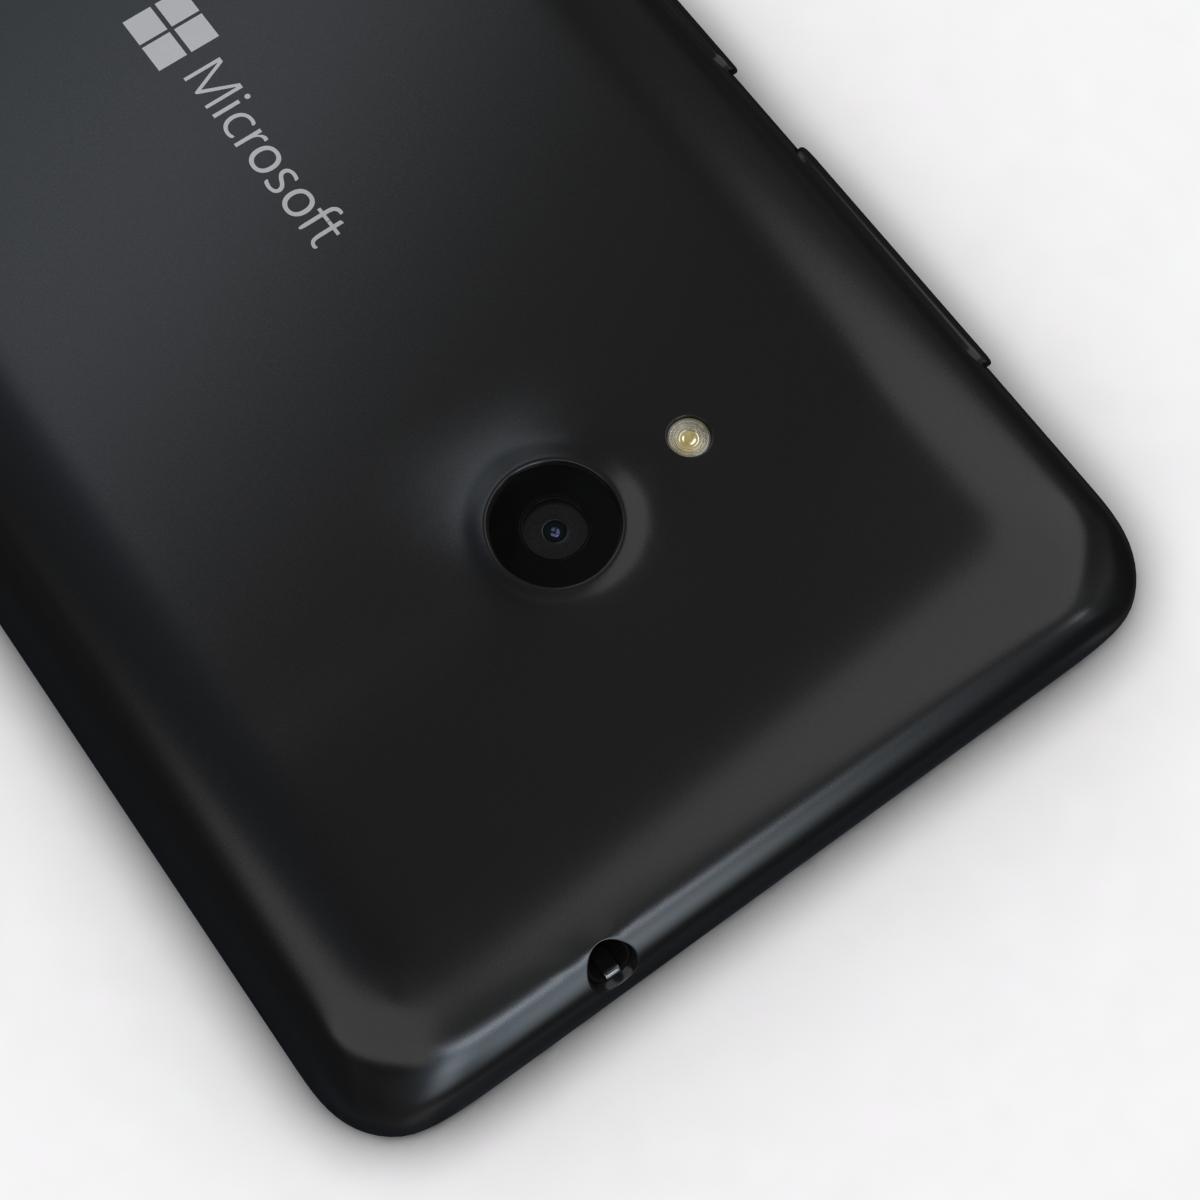 microsoft lumia 535 and dual sim all colors 3d model 3ds max fbx c4d obj 204707